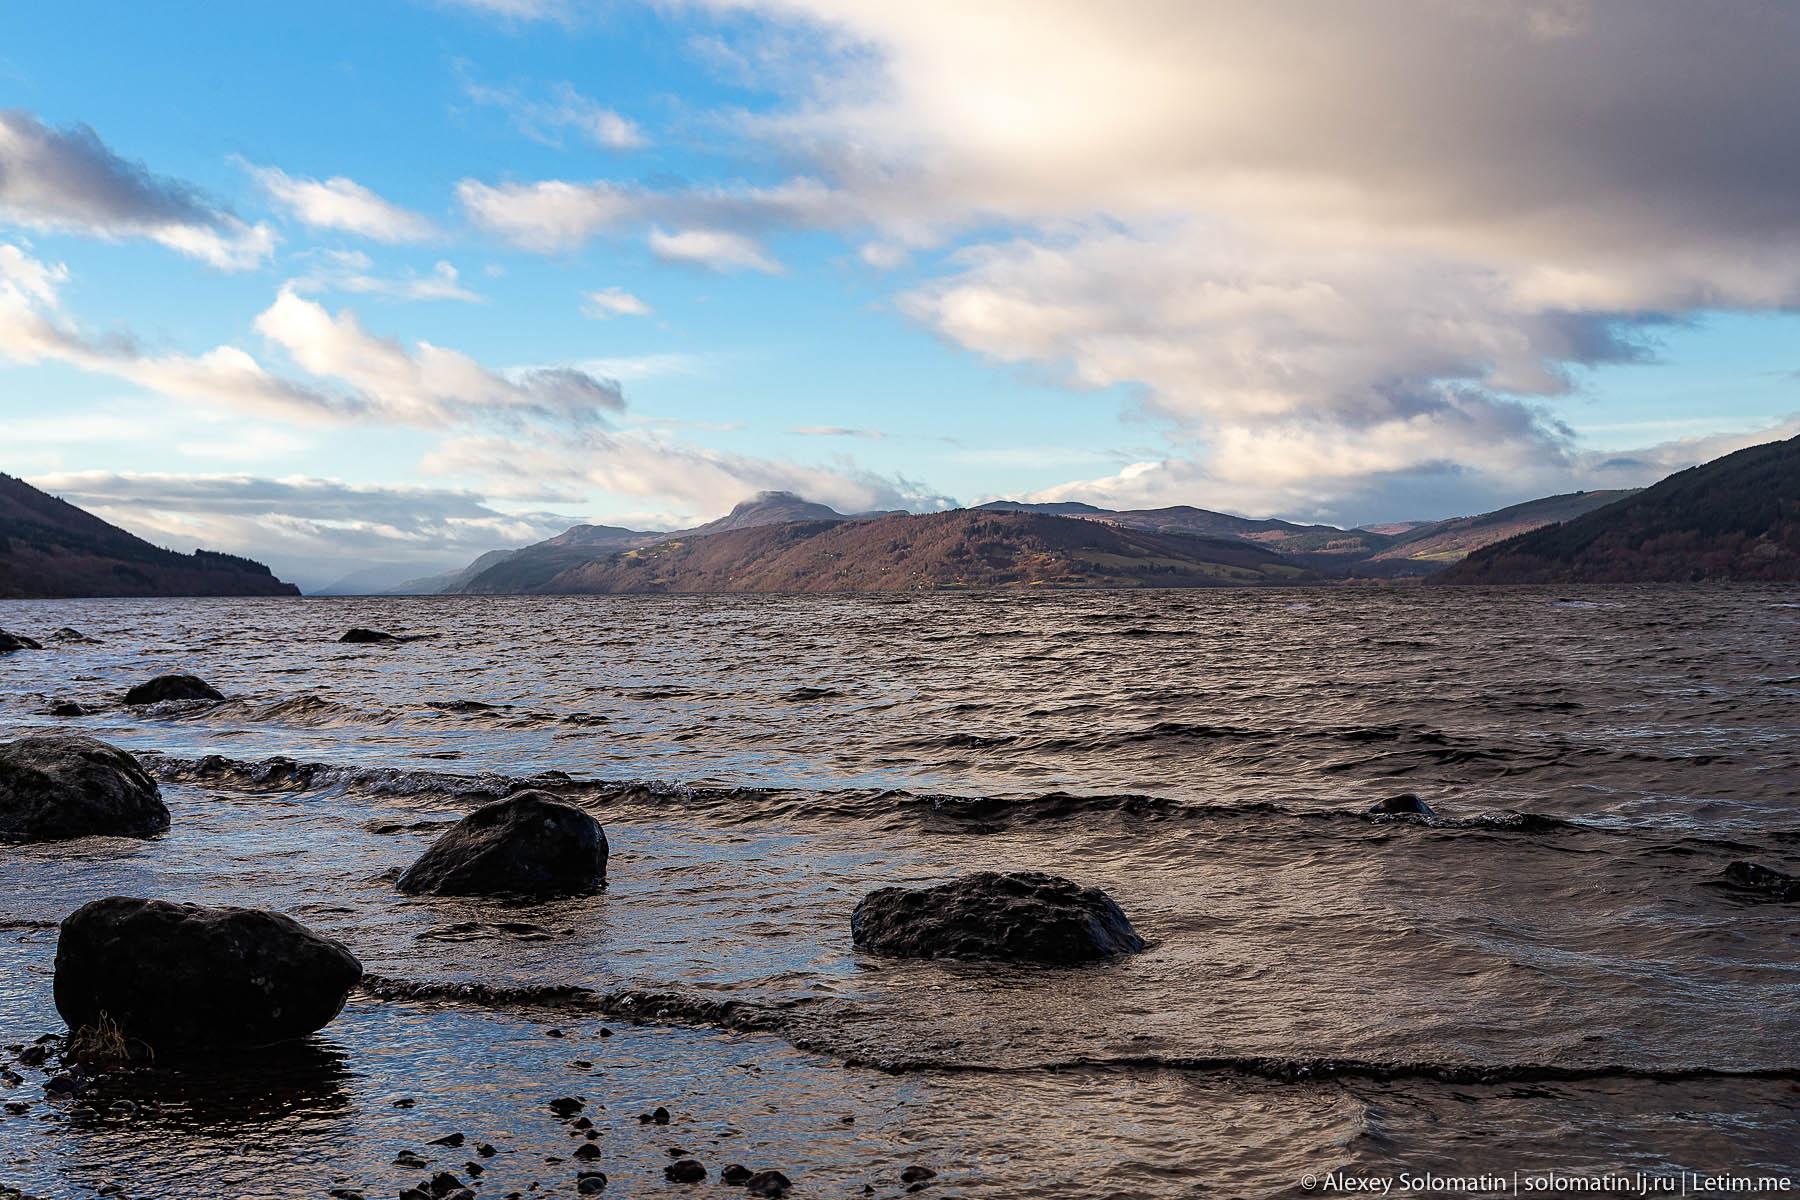 Озеро Лох-Несс. Шотландия. Путешествие.